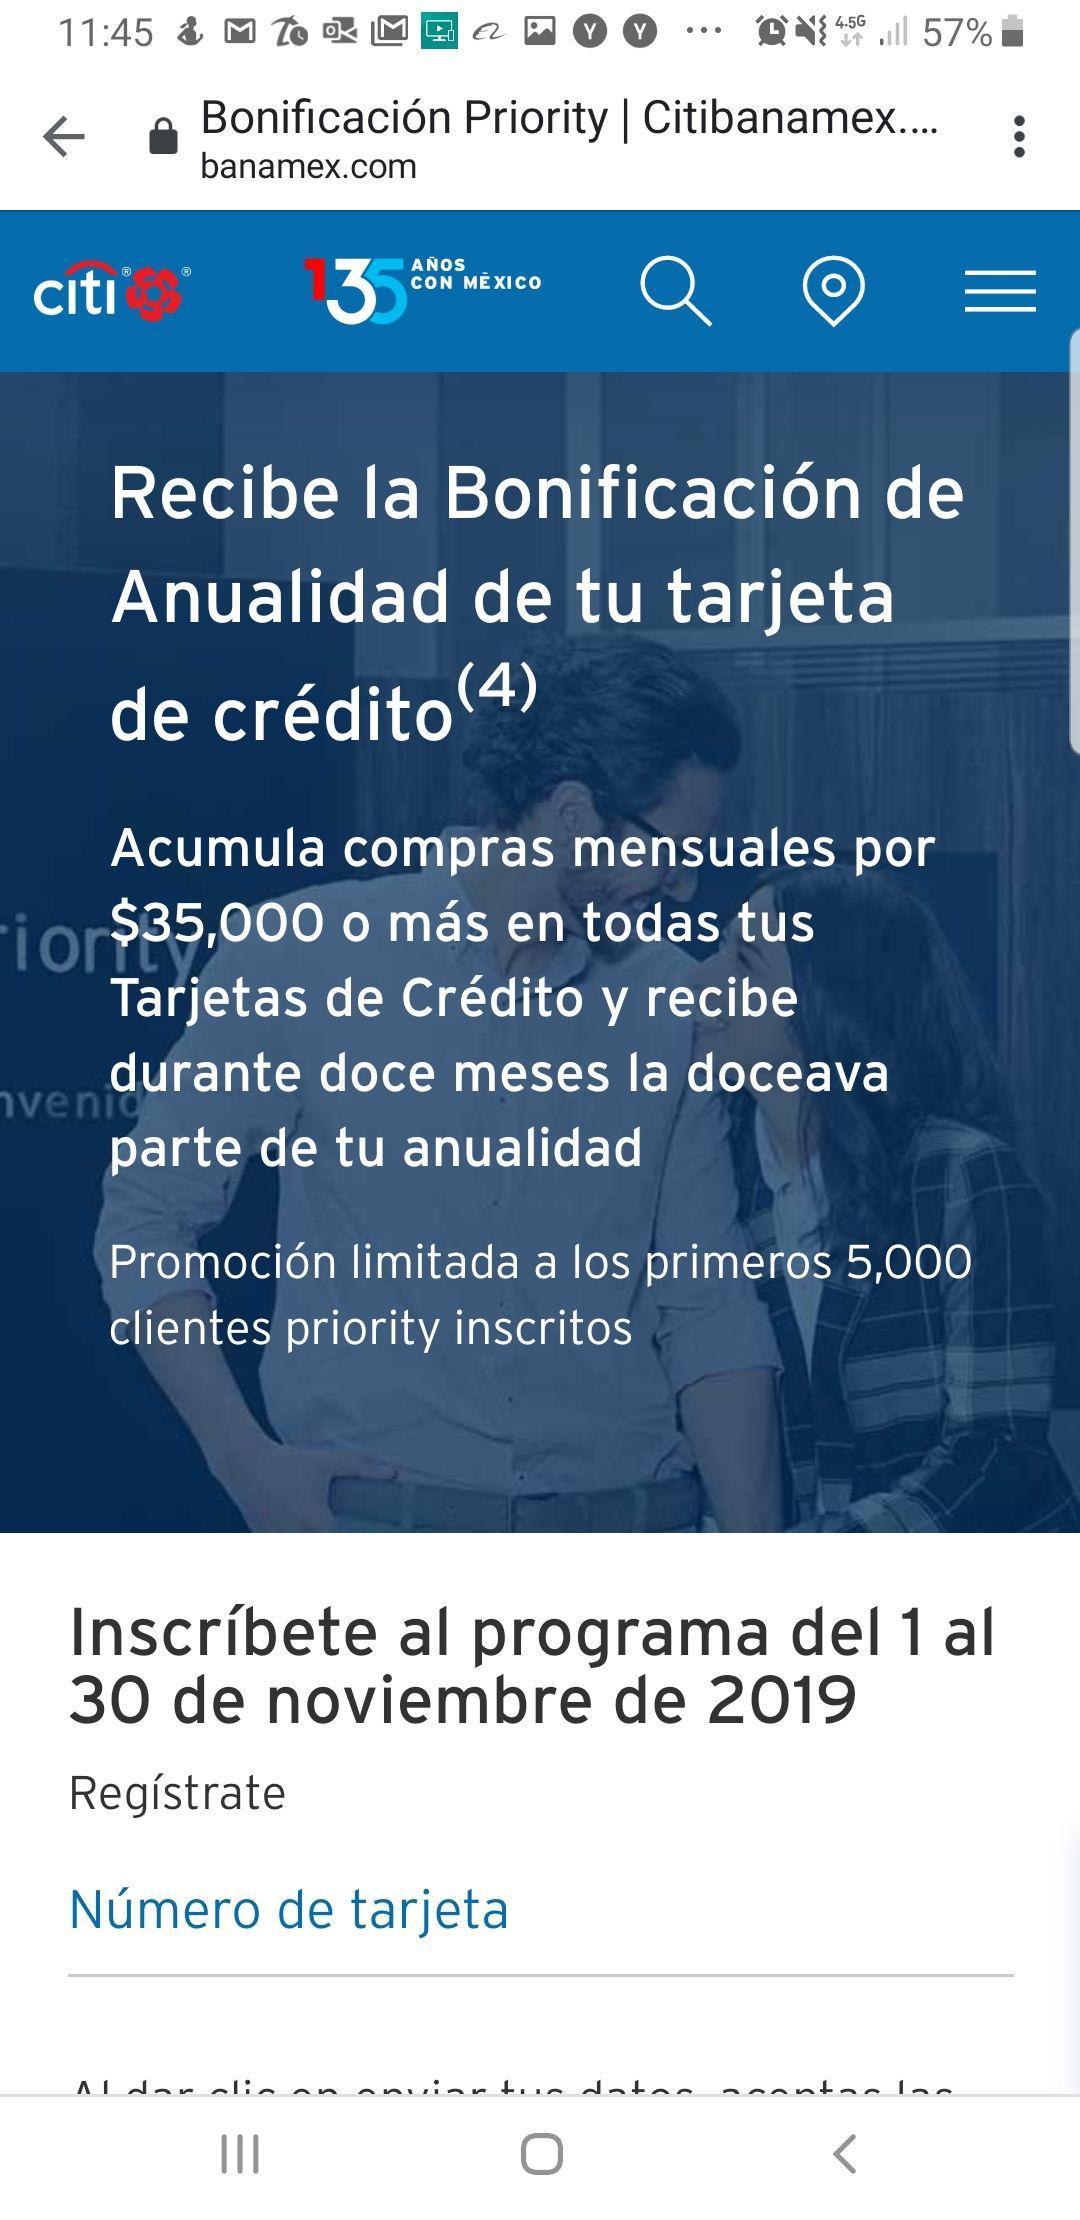 Bonificación de anualidad para clientes priority de CitiBanamex acumulando $35,000 de compas mensuales